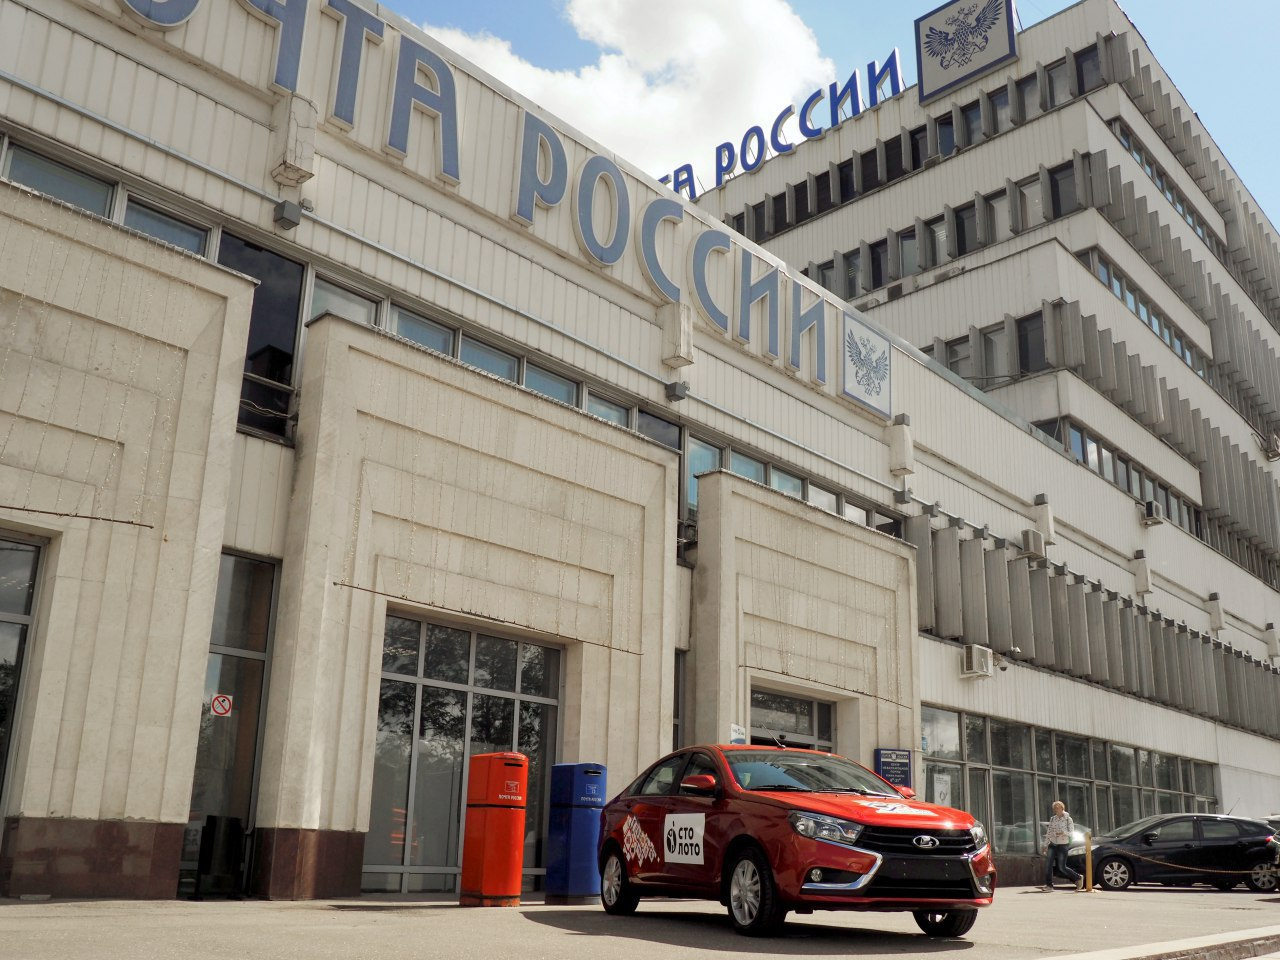 Лучший оператор Почты России получил в подарок автомобиль LADA Vesta.